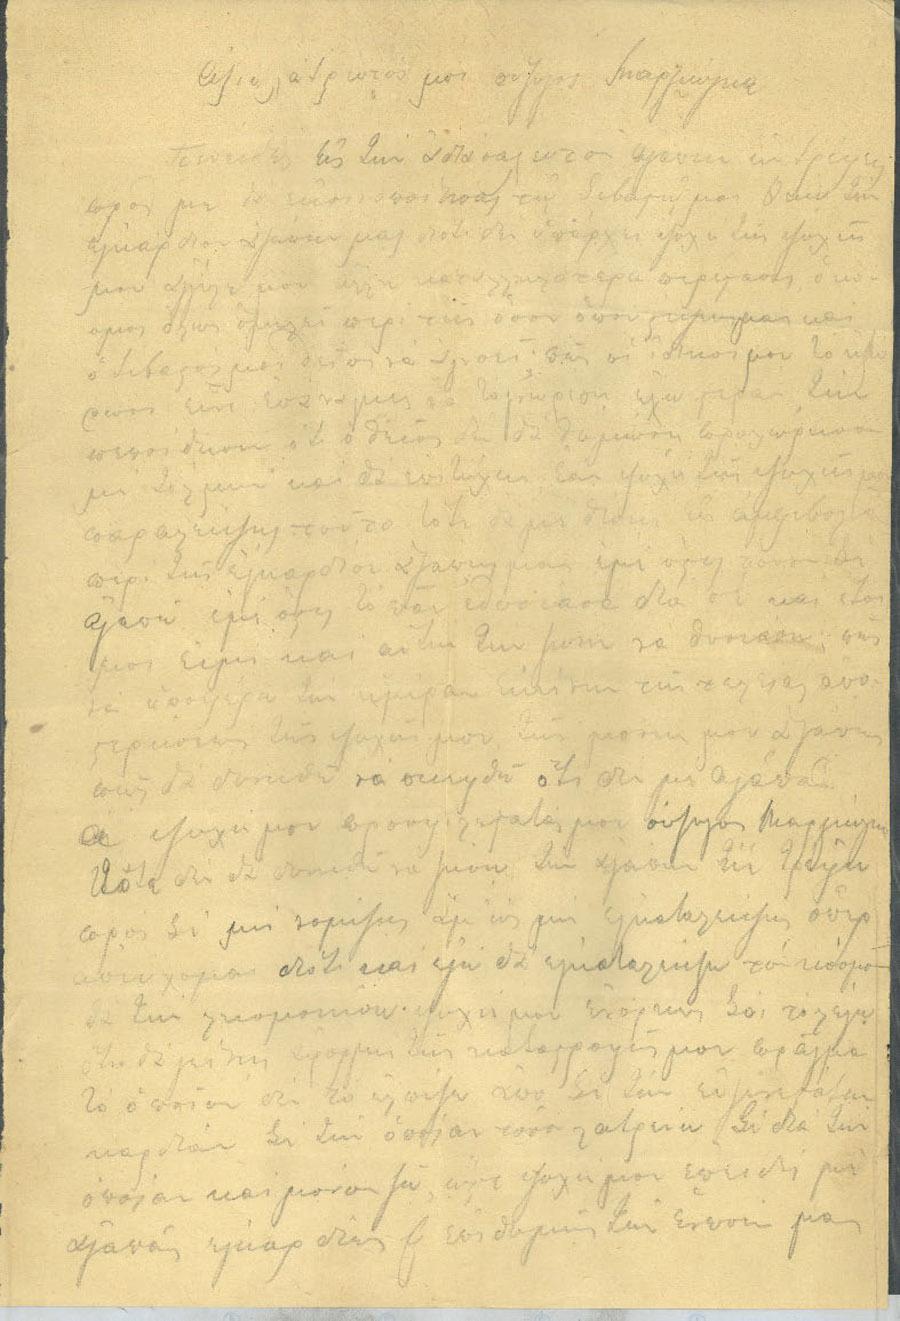 Επιστολές Μαργιώγκας - Κύρκου 81